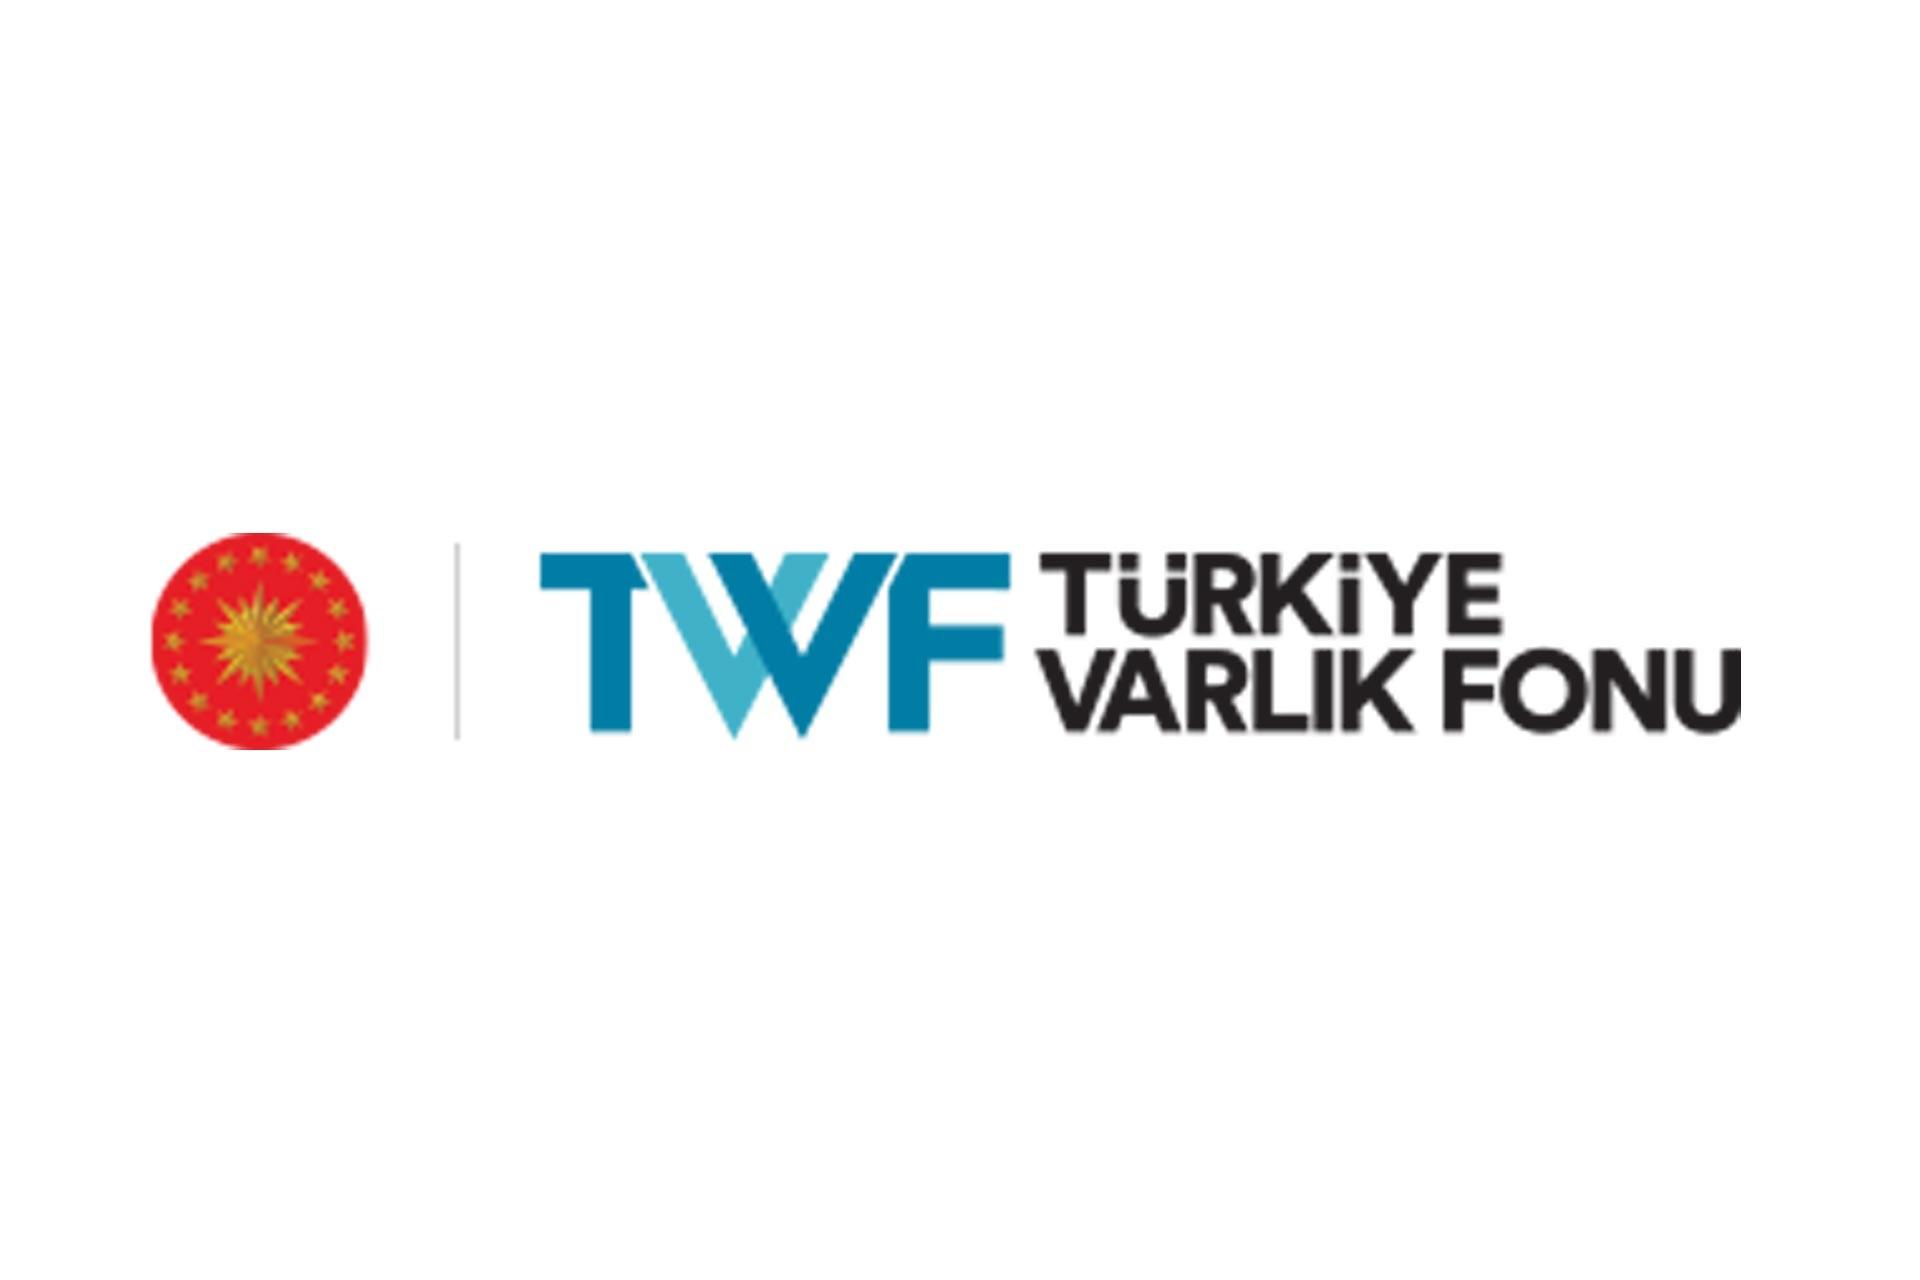 Türkiye Varlık Fonu, yılan hikayesine dönen İstanbul Finans Merkezine ortak olacak